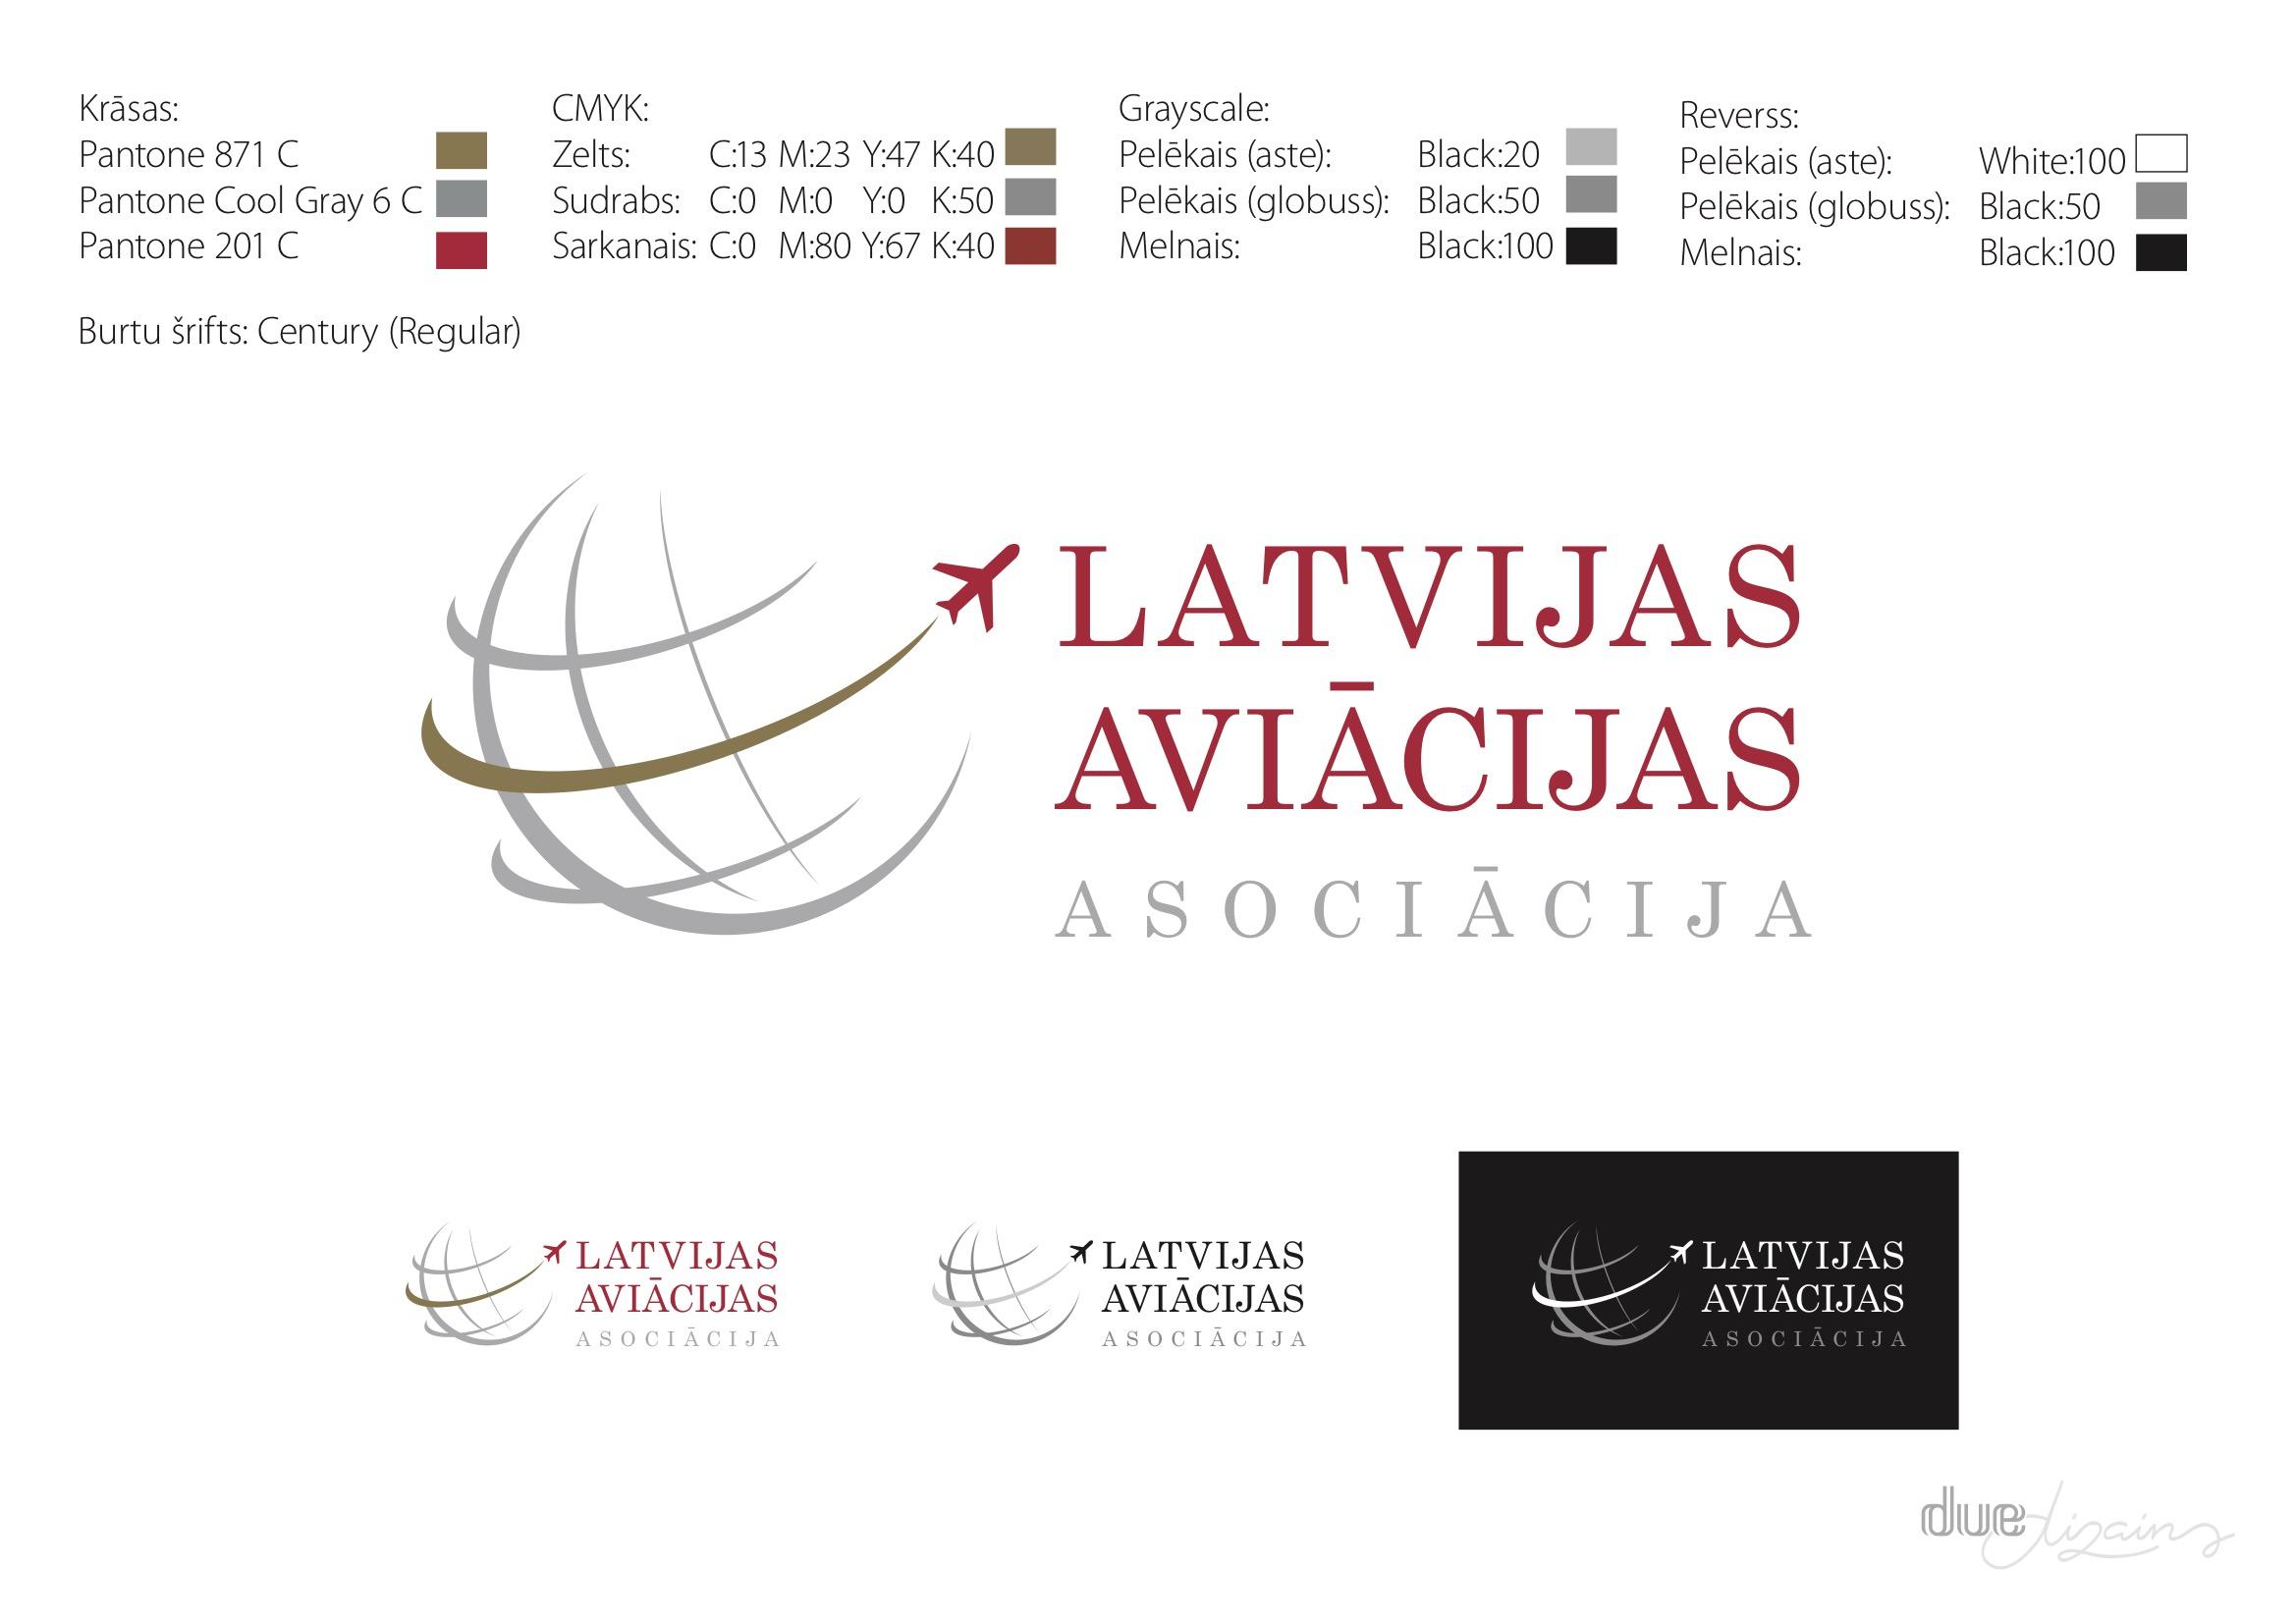 latvijas aviacijas asociacija 17 februaris final 2 1